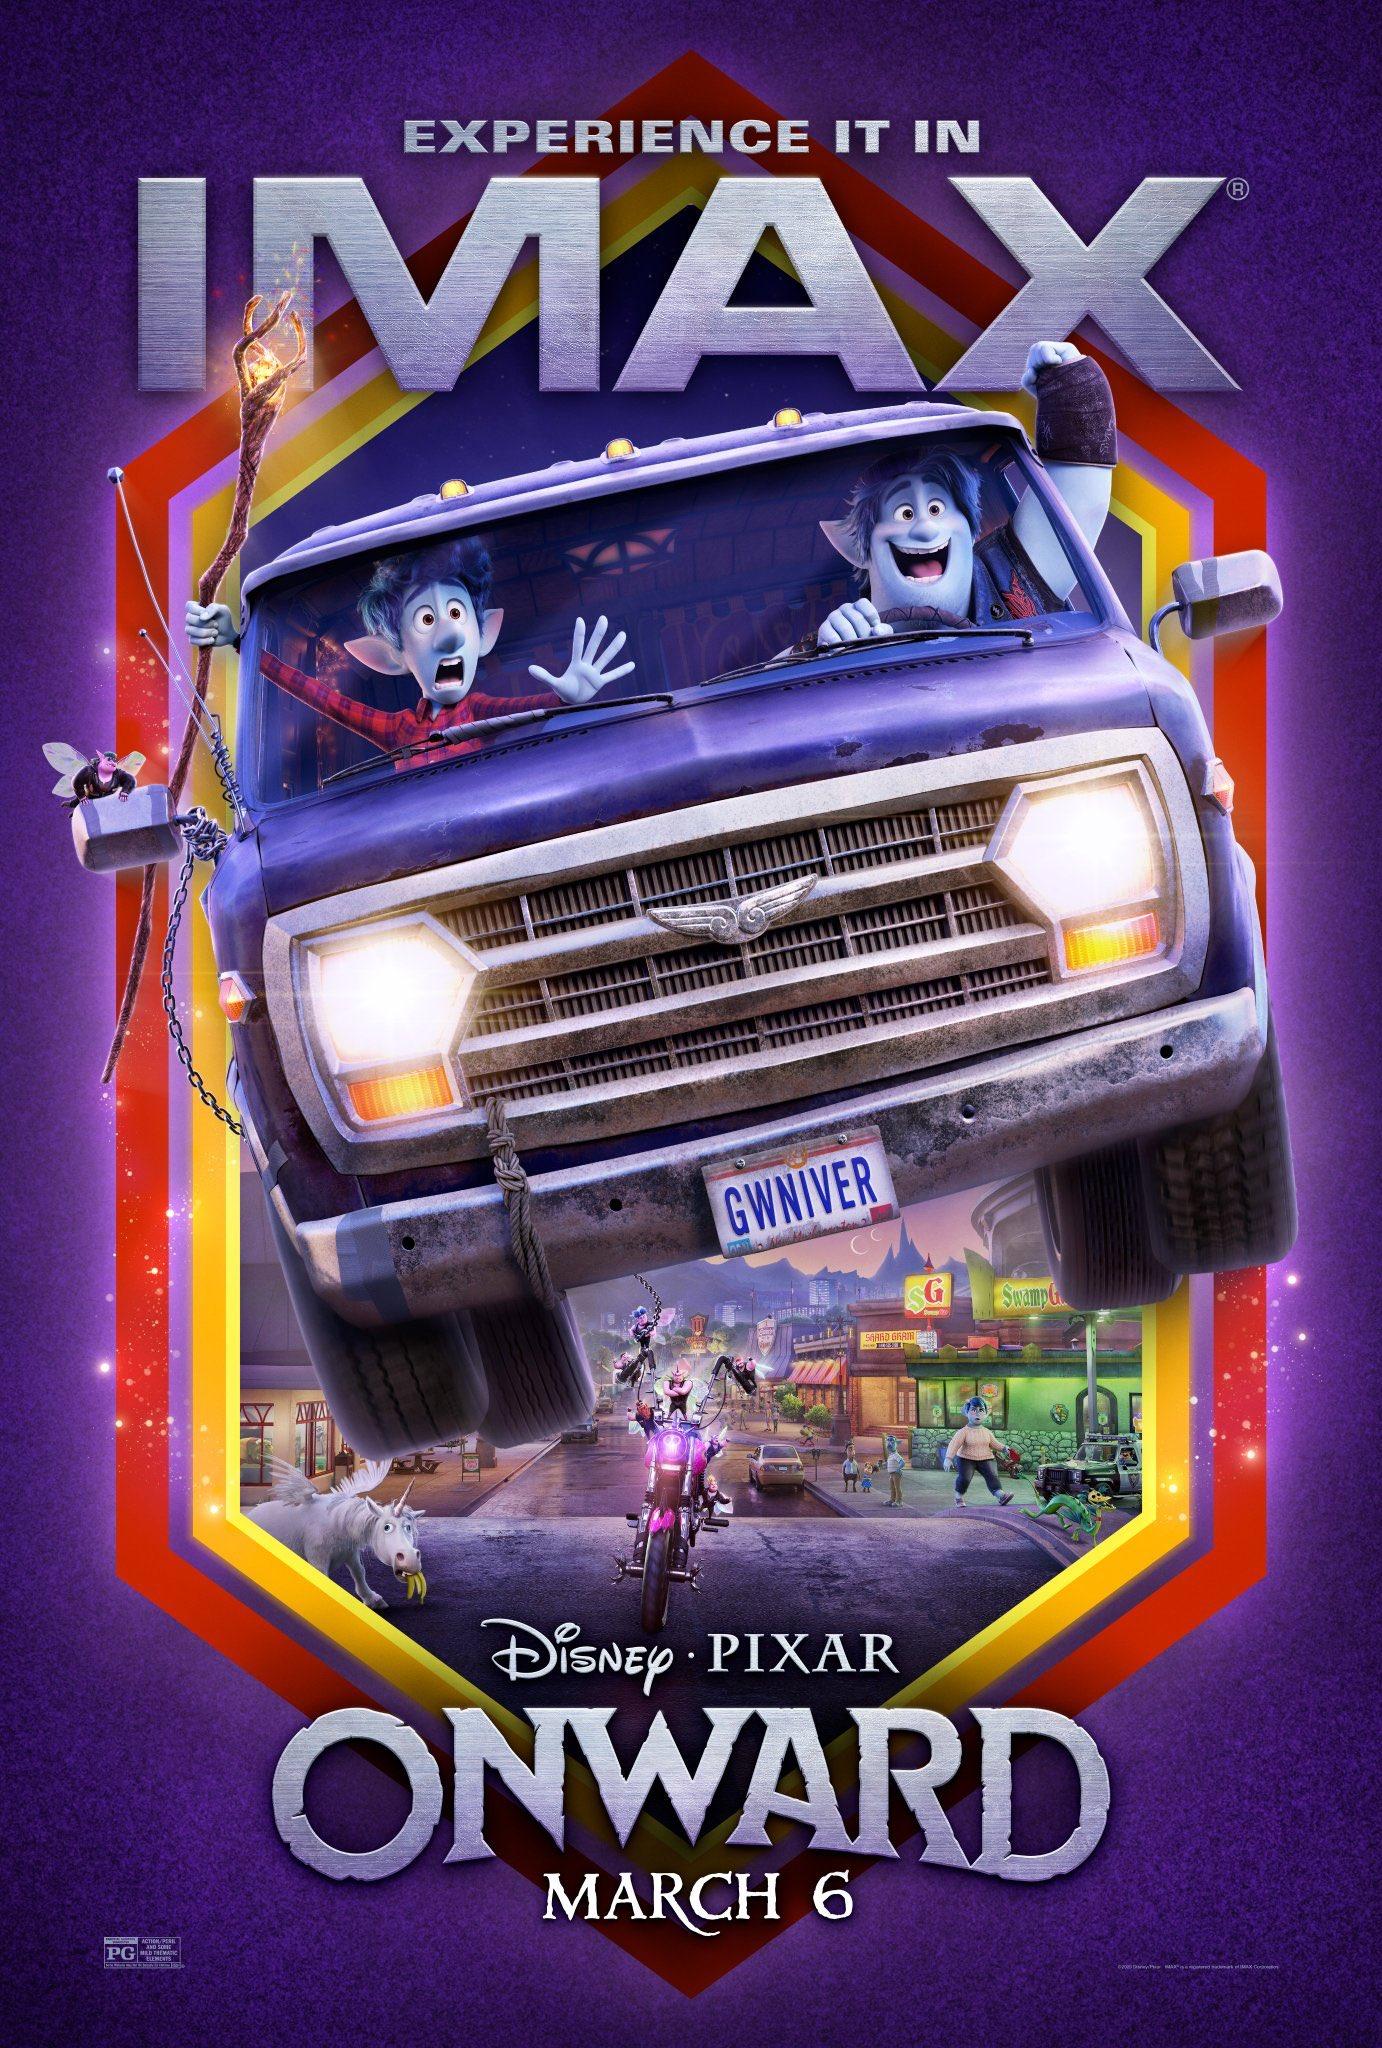 En Avant [Pixar - 2020] - Page 5 EQr8duEWkAEdPRR?format=jpg&name=4096x4096